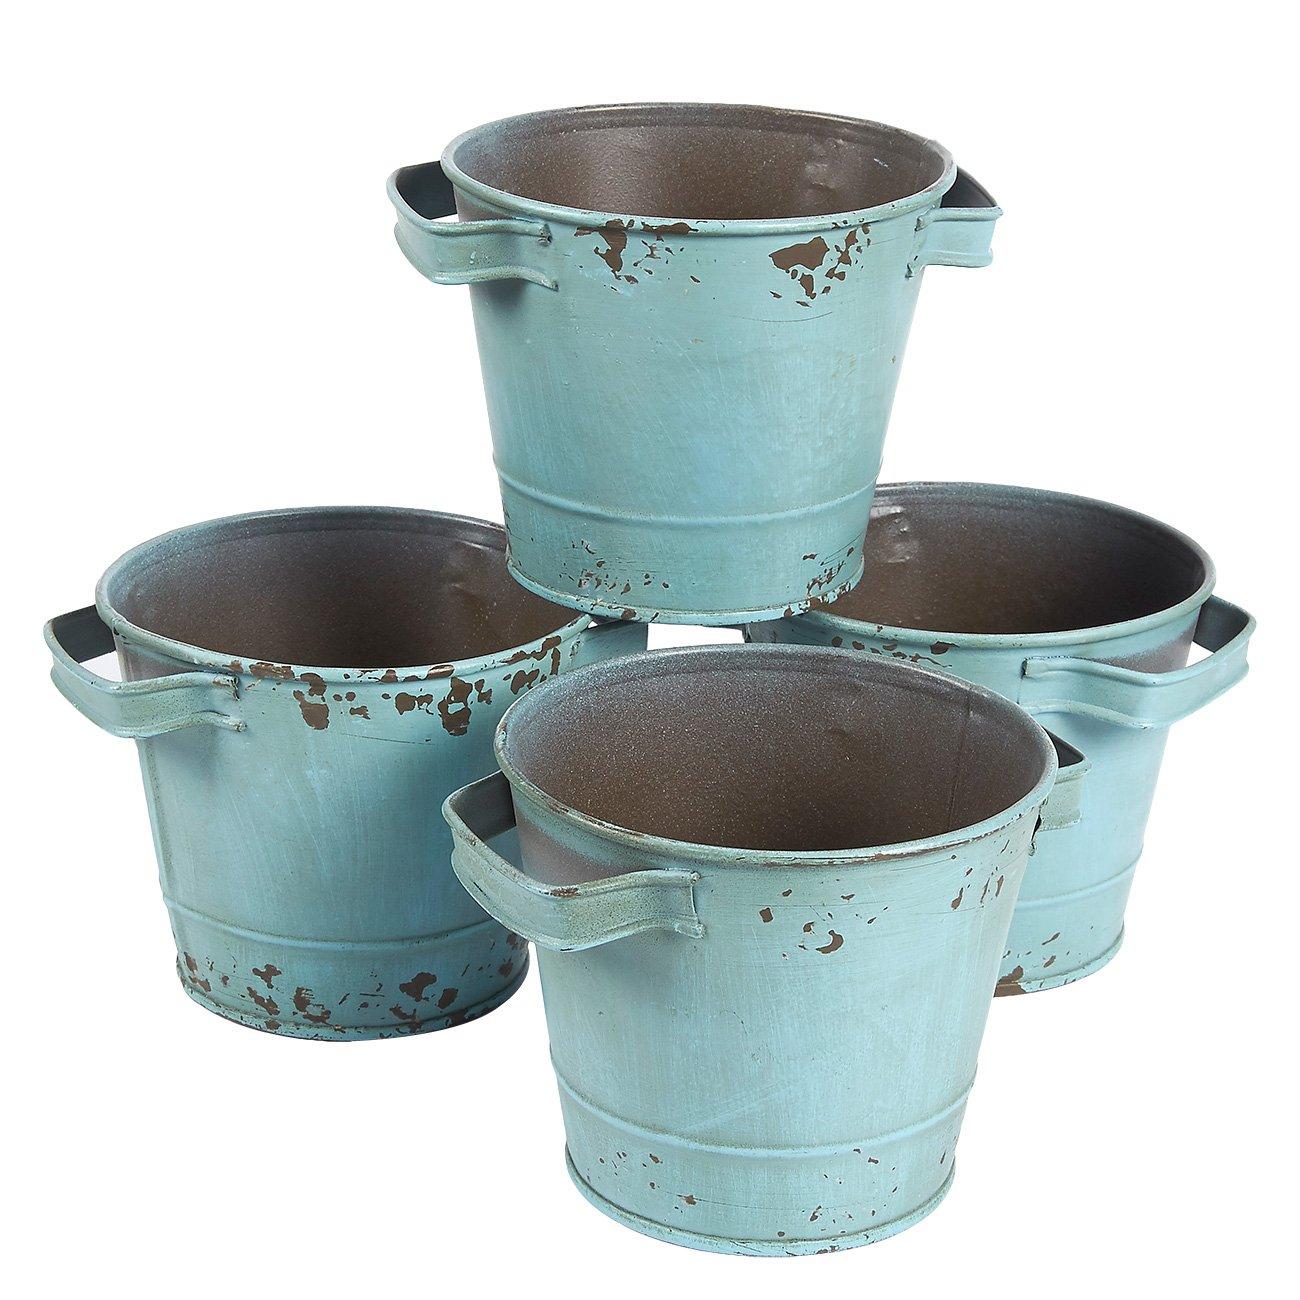 Juego de cubos galvanizados vintage para decoración de jardín (11,9 x 9,4 cm, 4 piezas): Amazon.es: Hogar